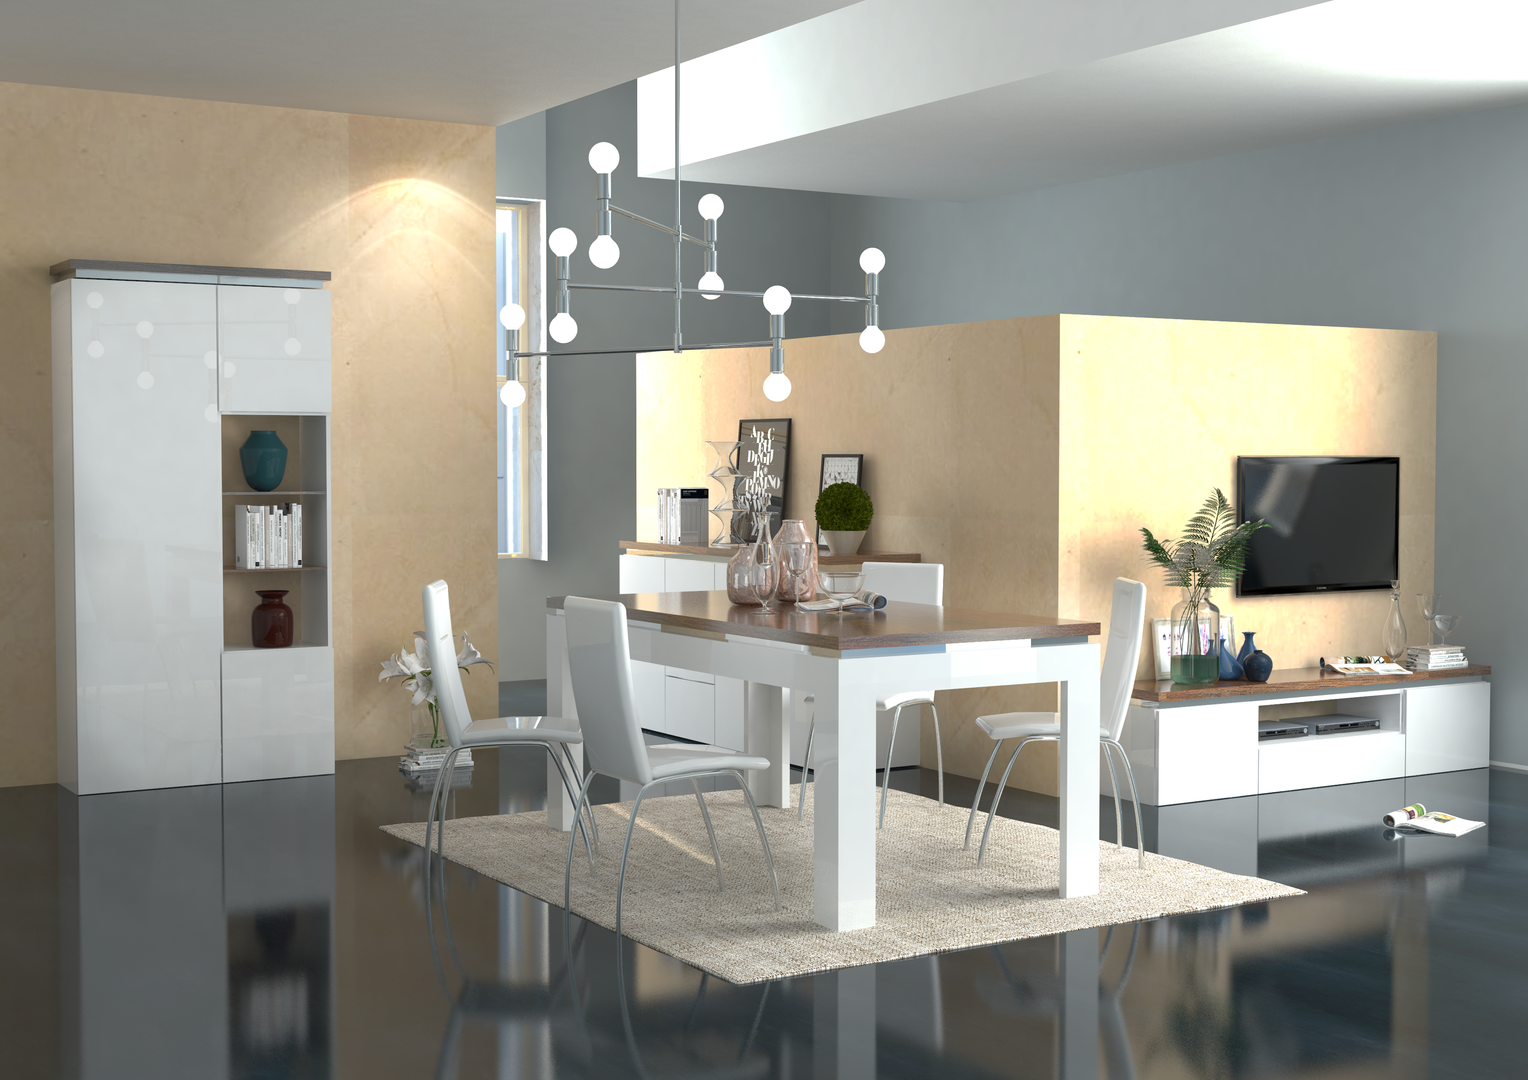 Mobile porta tv bianco messico per soggiorno moderno elegante for Mobile sala design